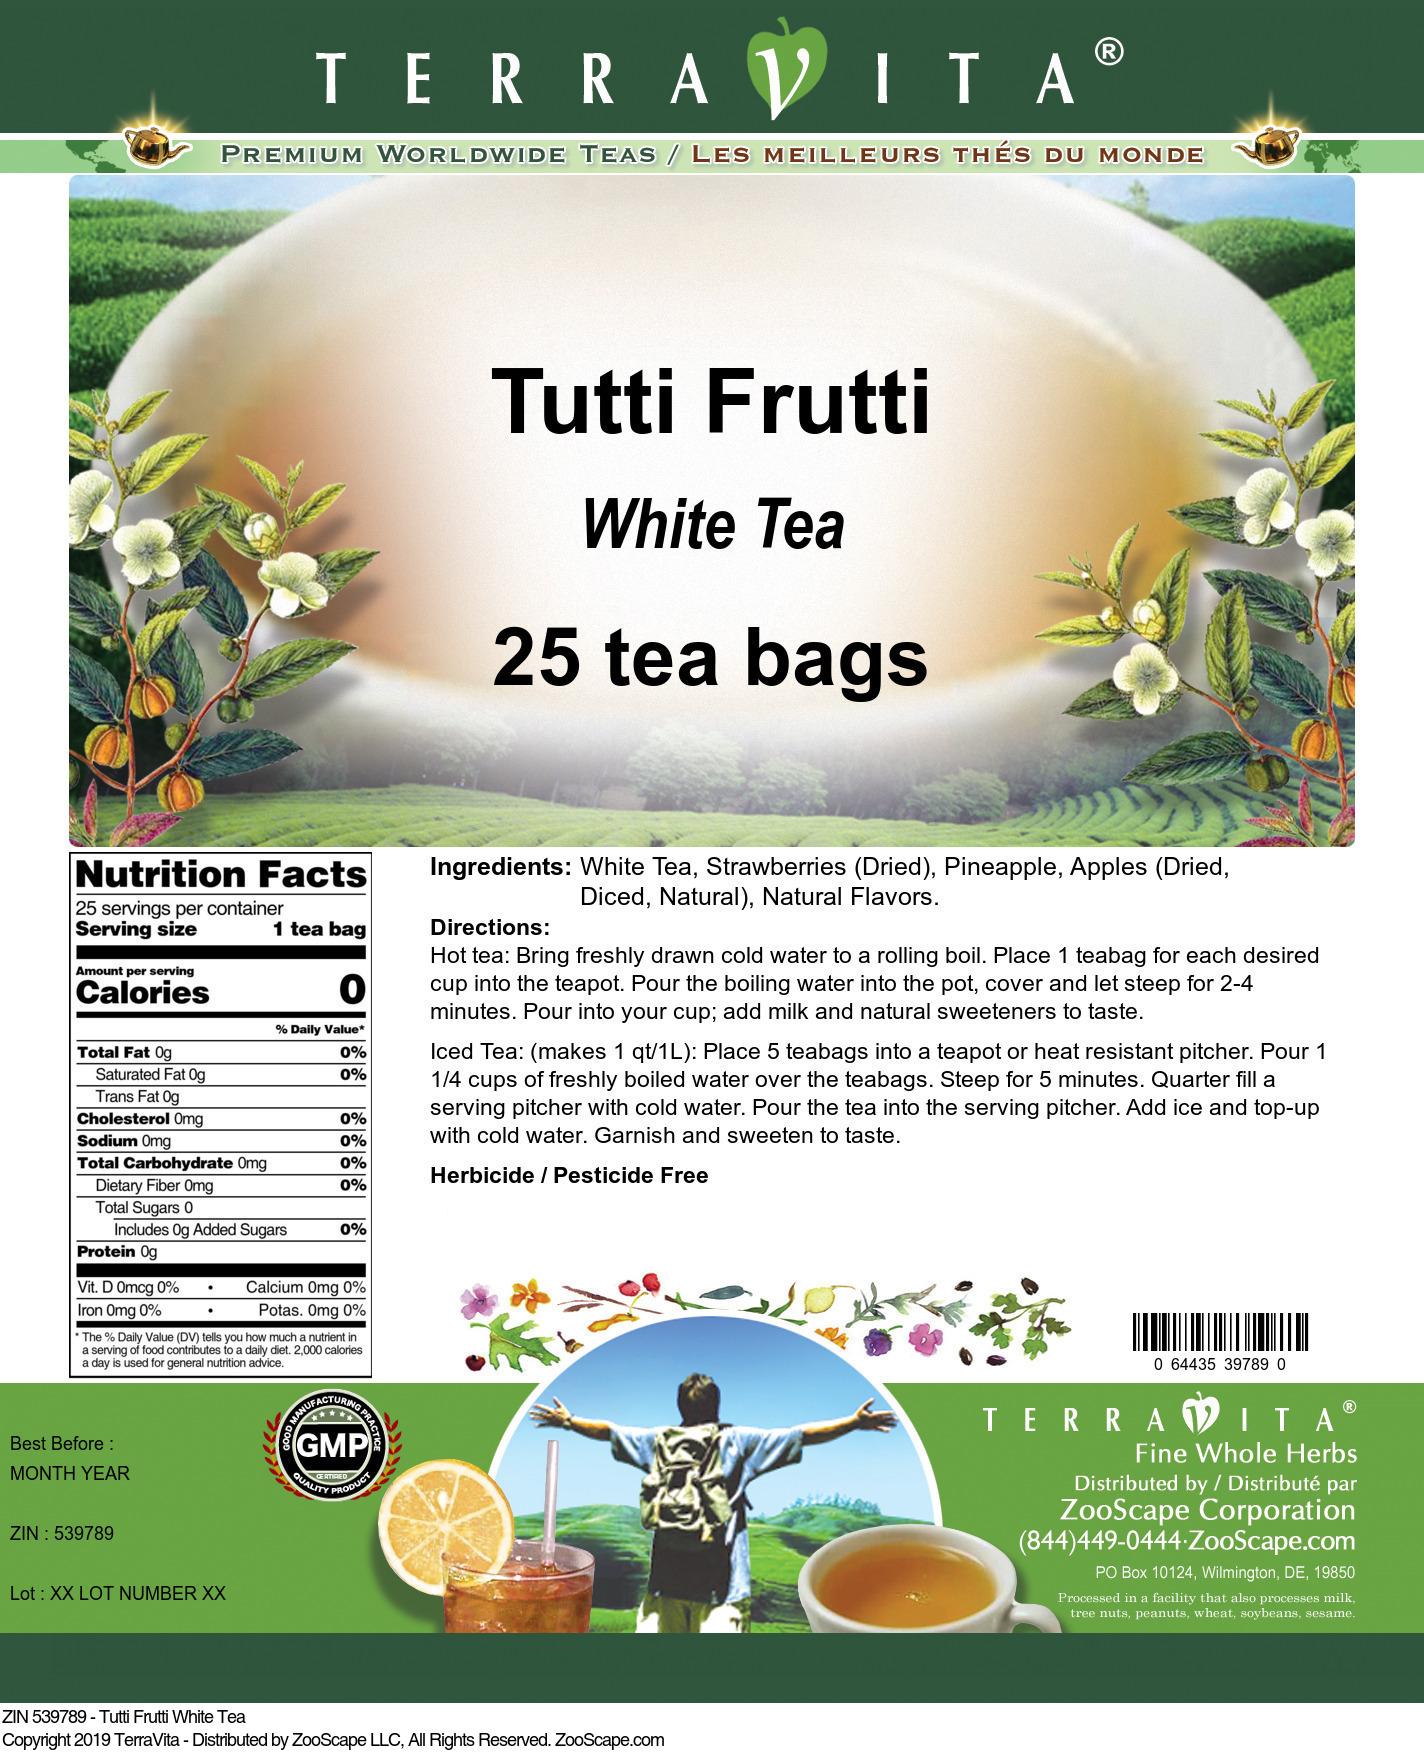 Tutti Frutti White Tea